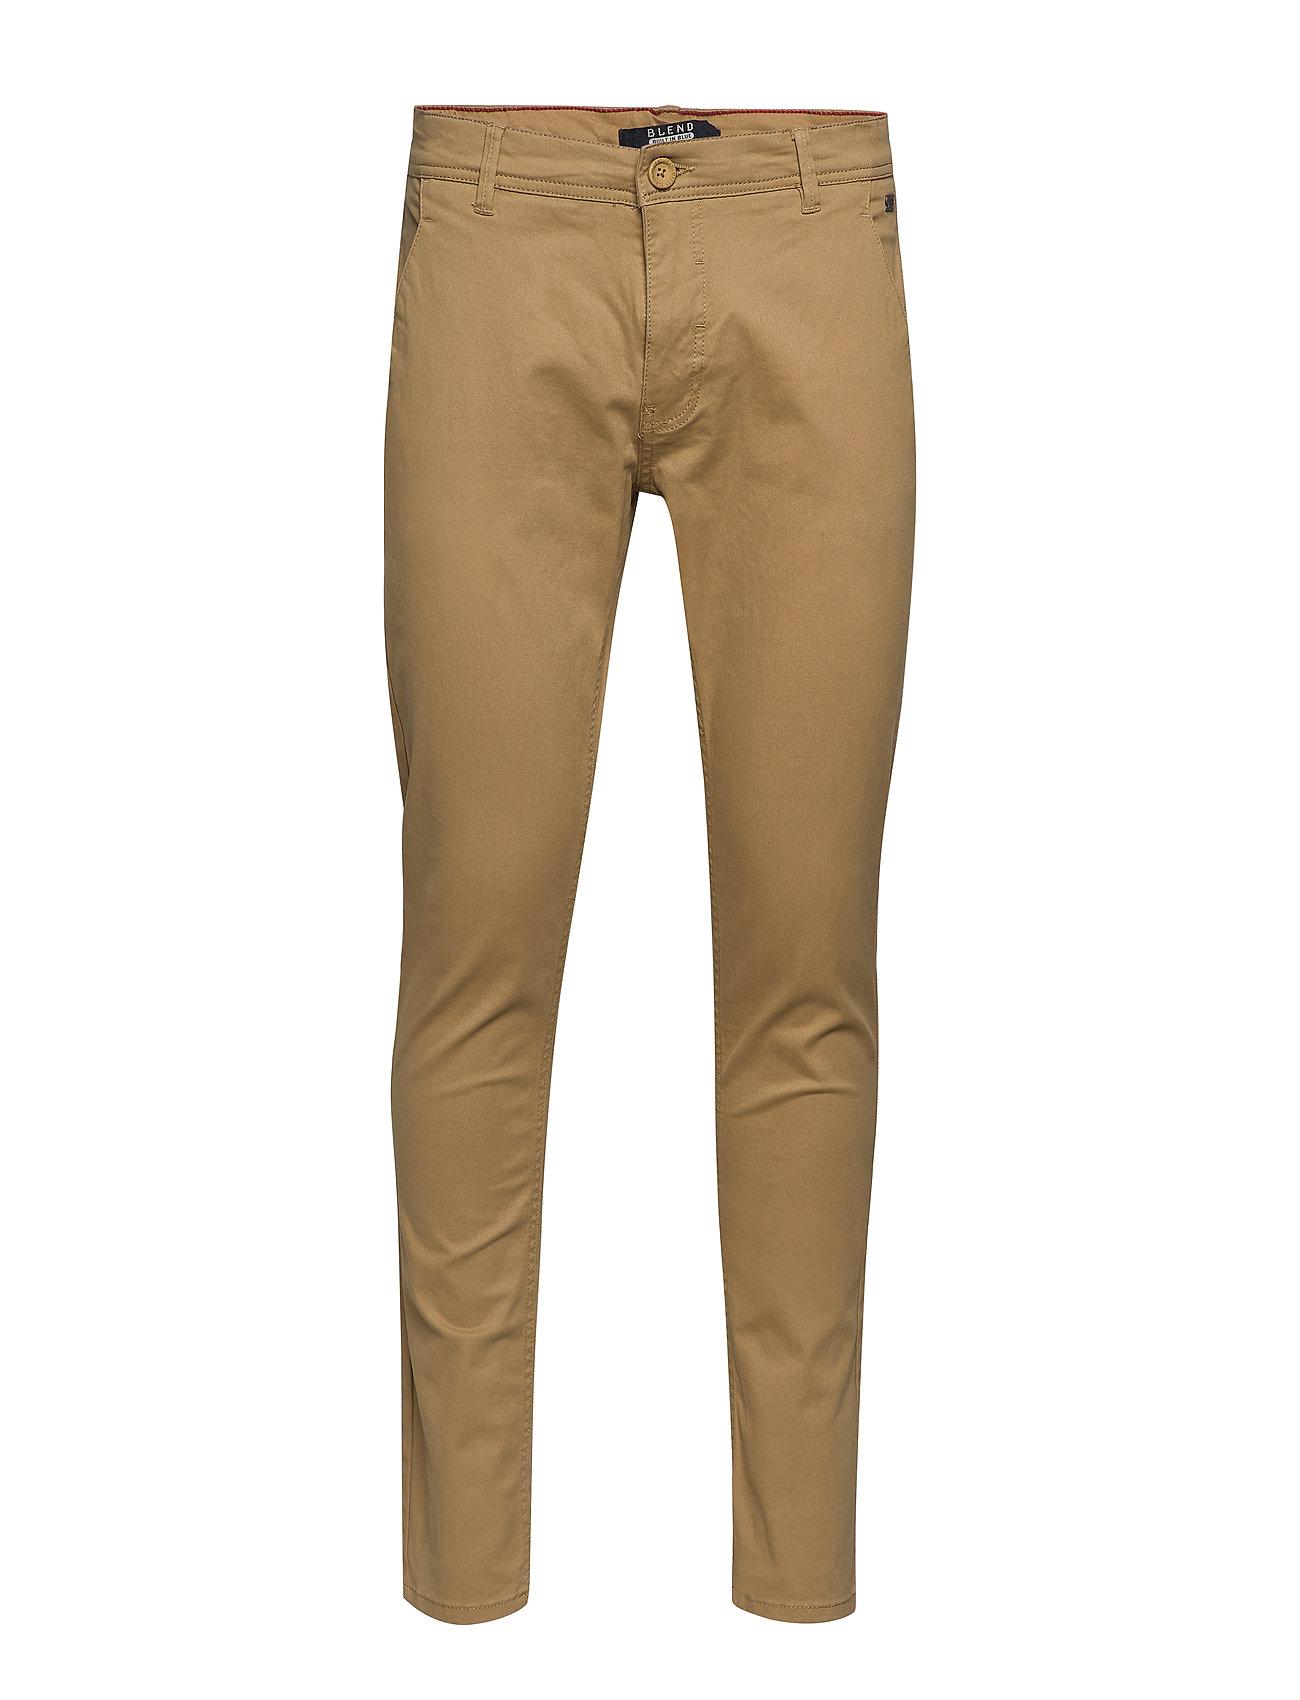 Blend BHNATAN pants NOOS - SAND BROWN